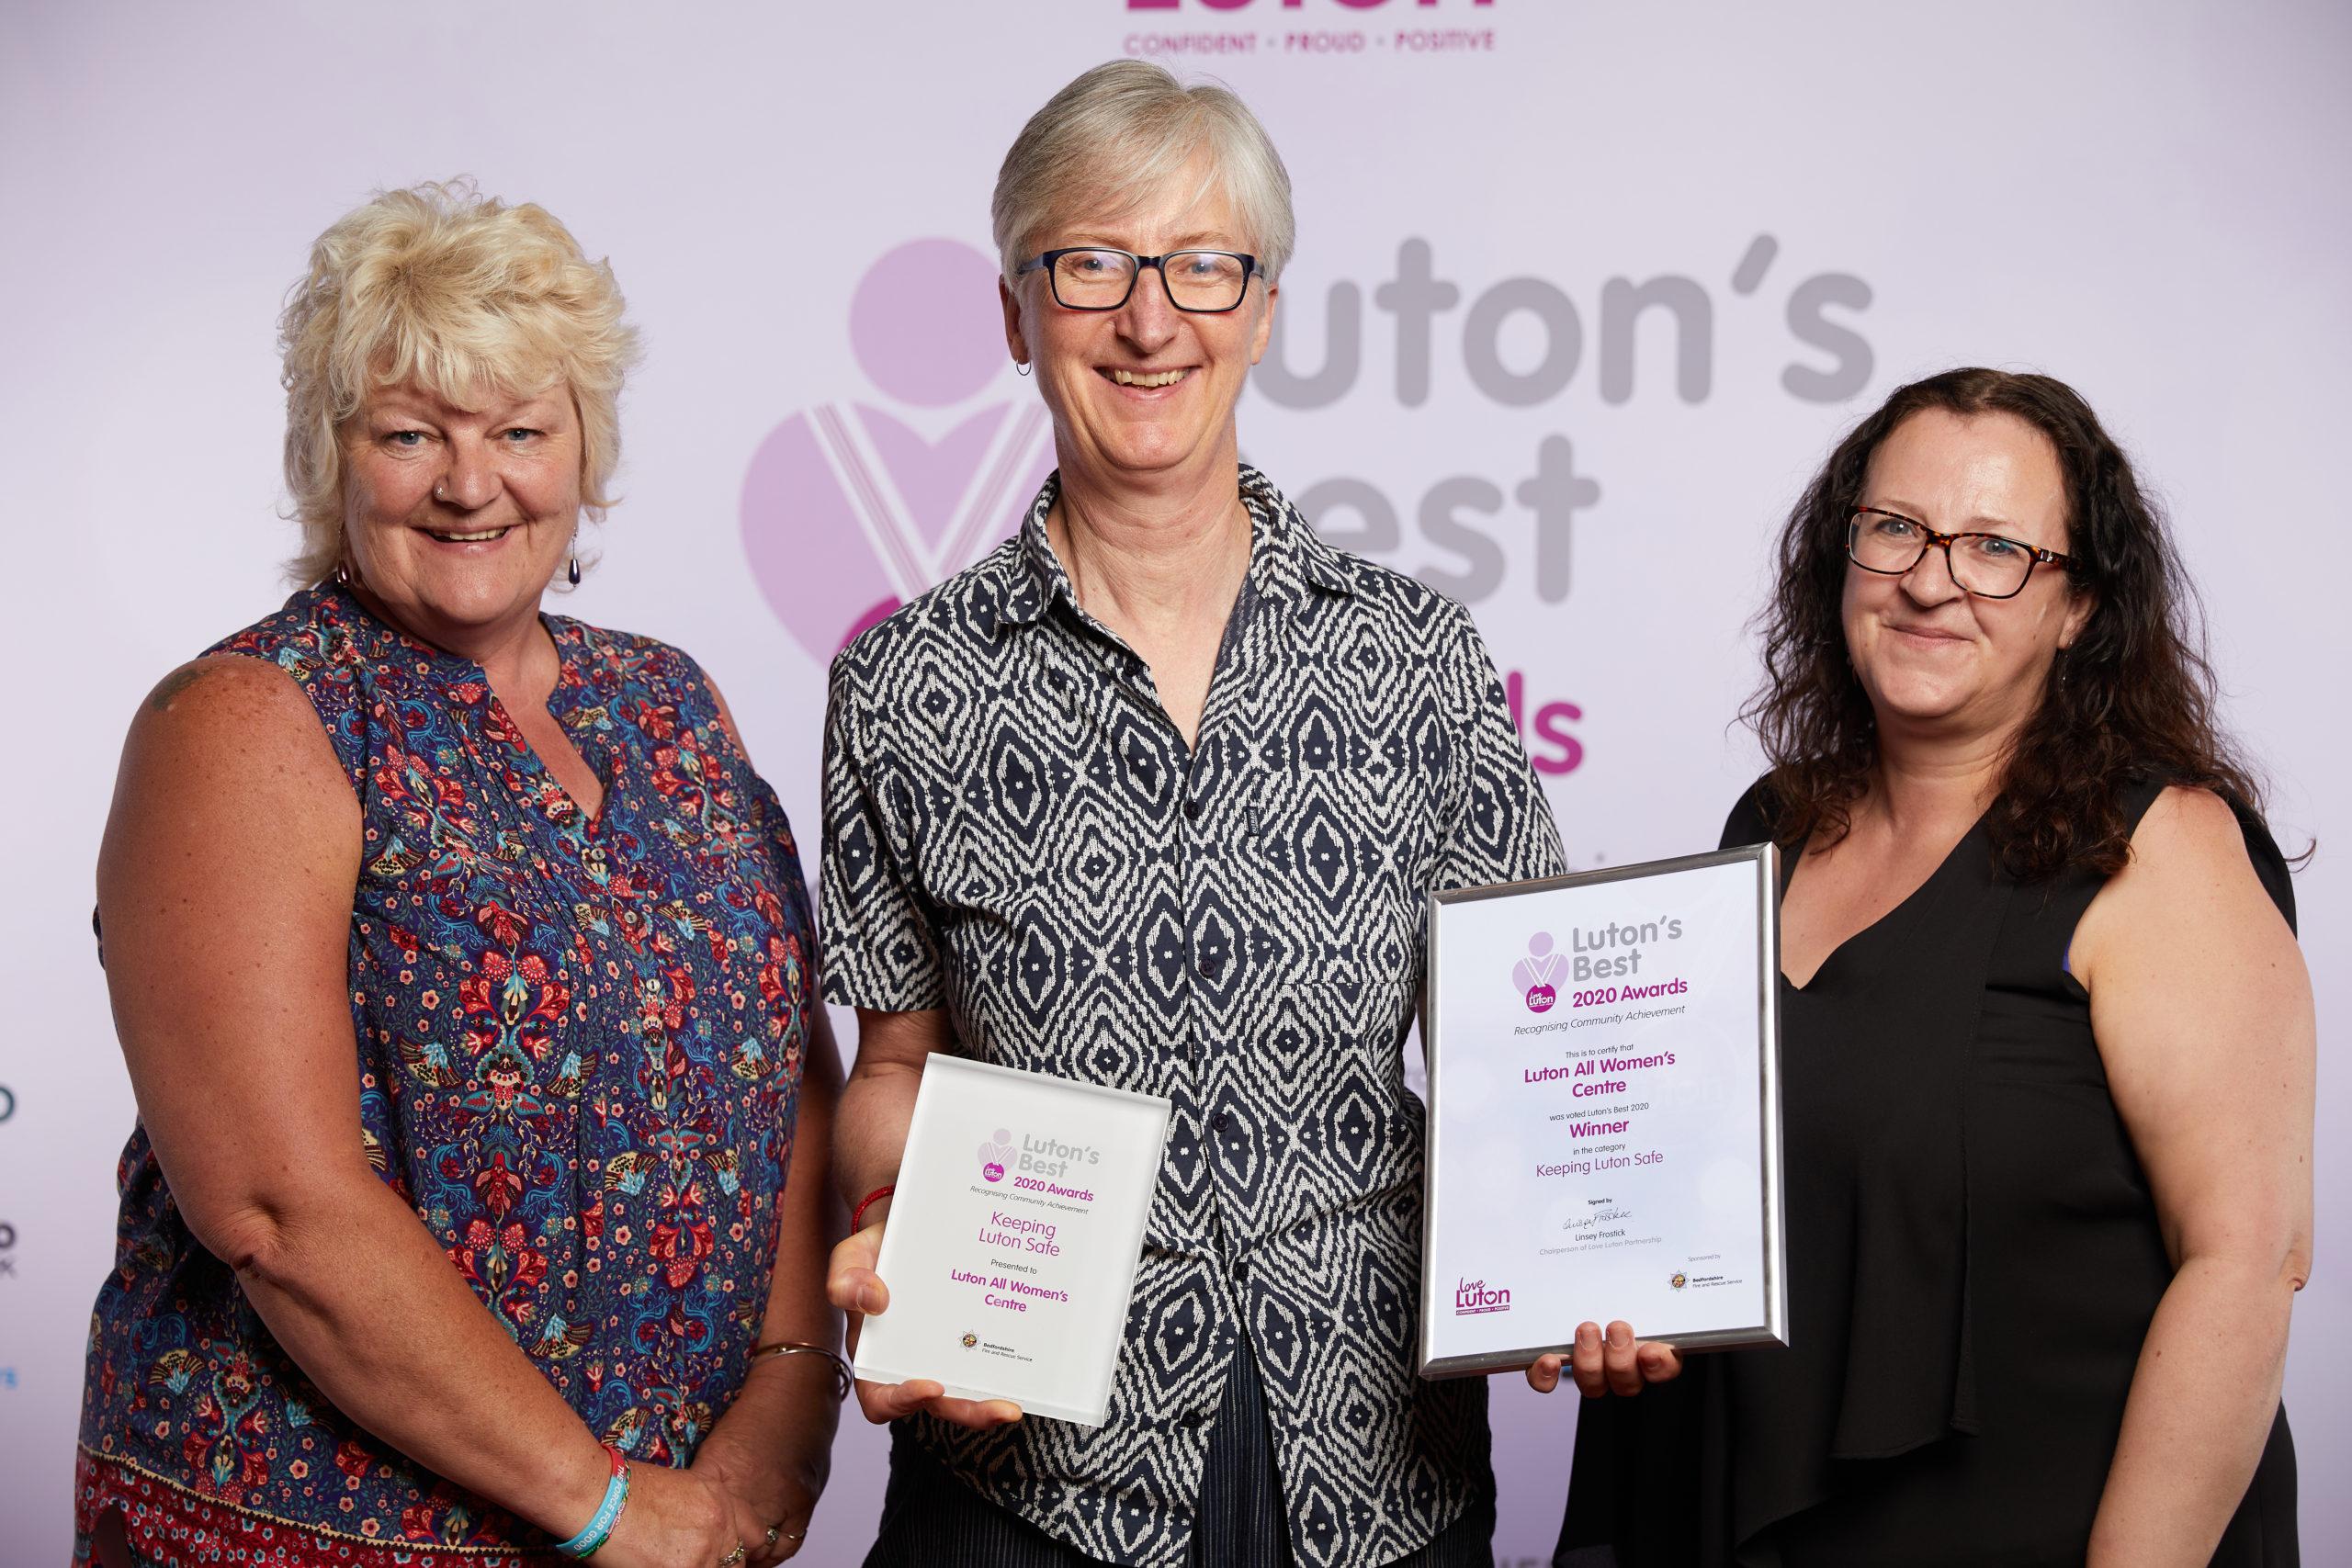 Keeping Luton Safe Luton all Women's Centre Winner